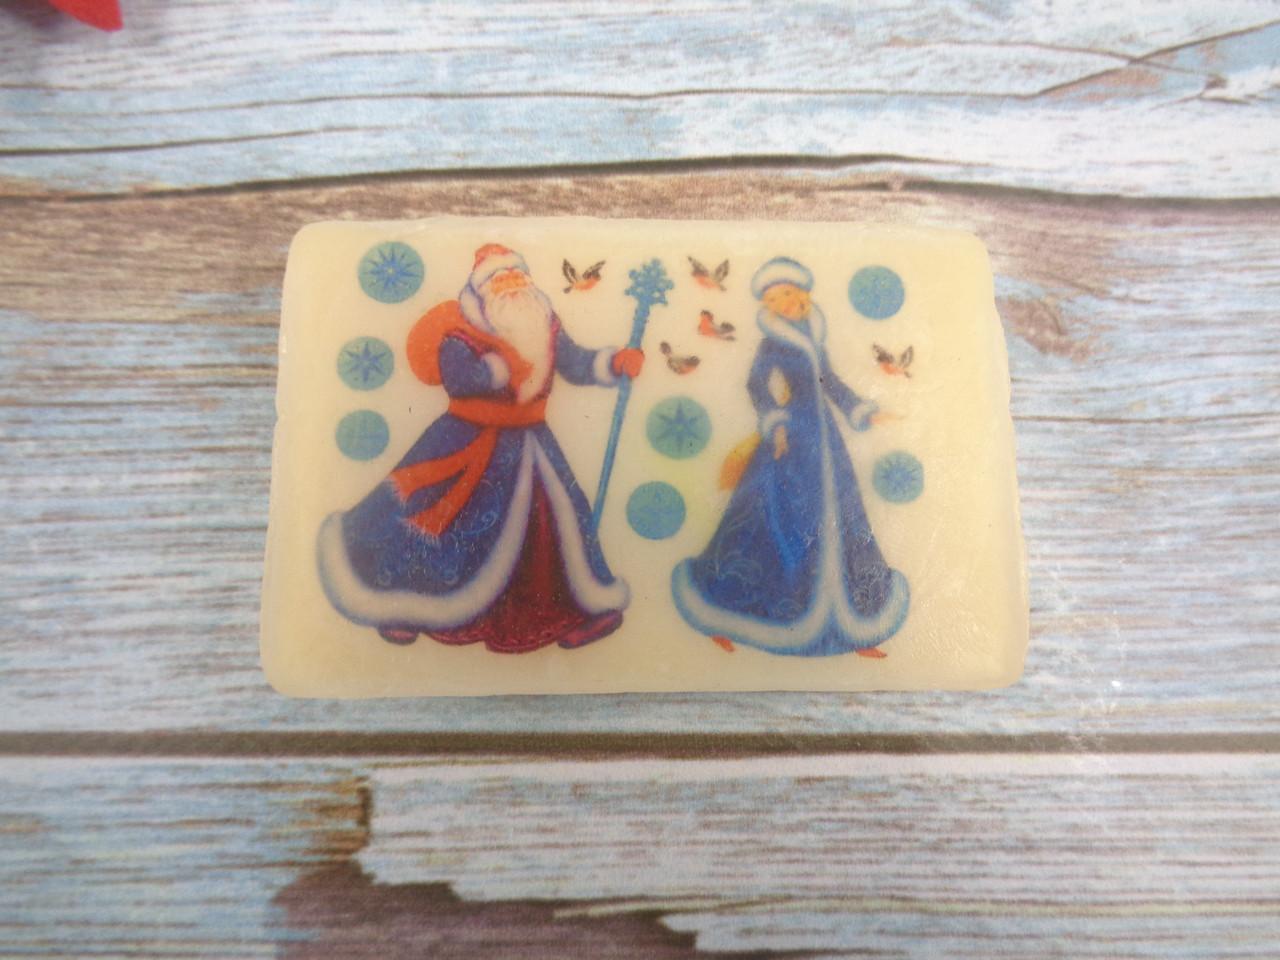 Мыло с картинкой «Дед Мороз и Снегурочка» прямоугольное (2 варианта)